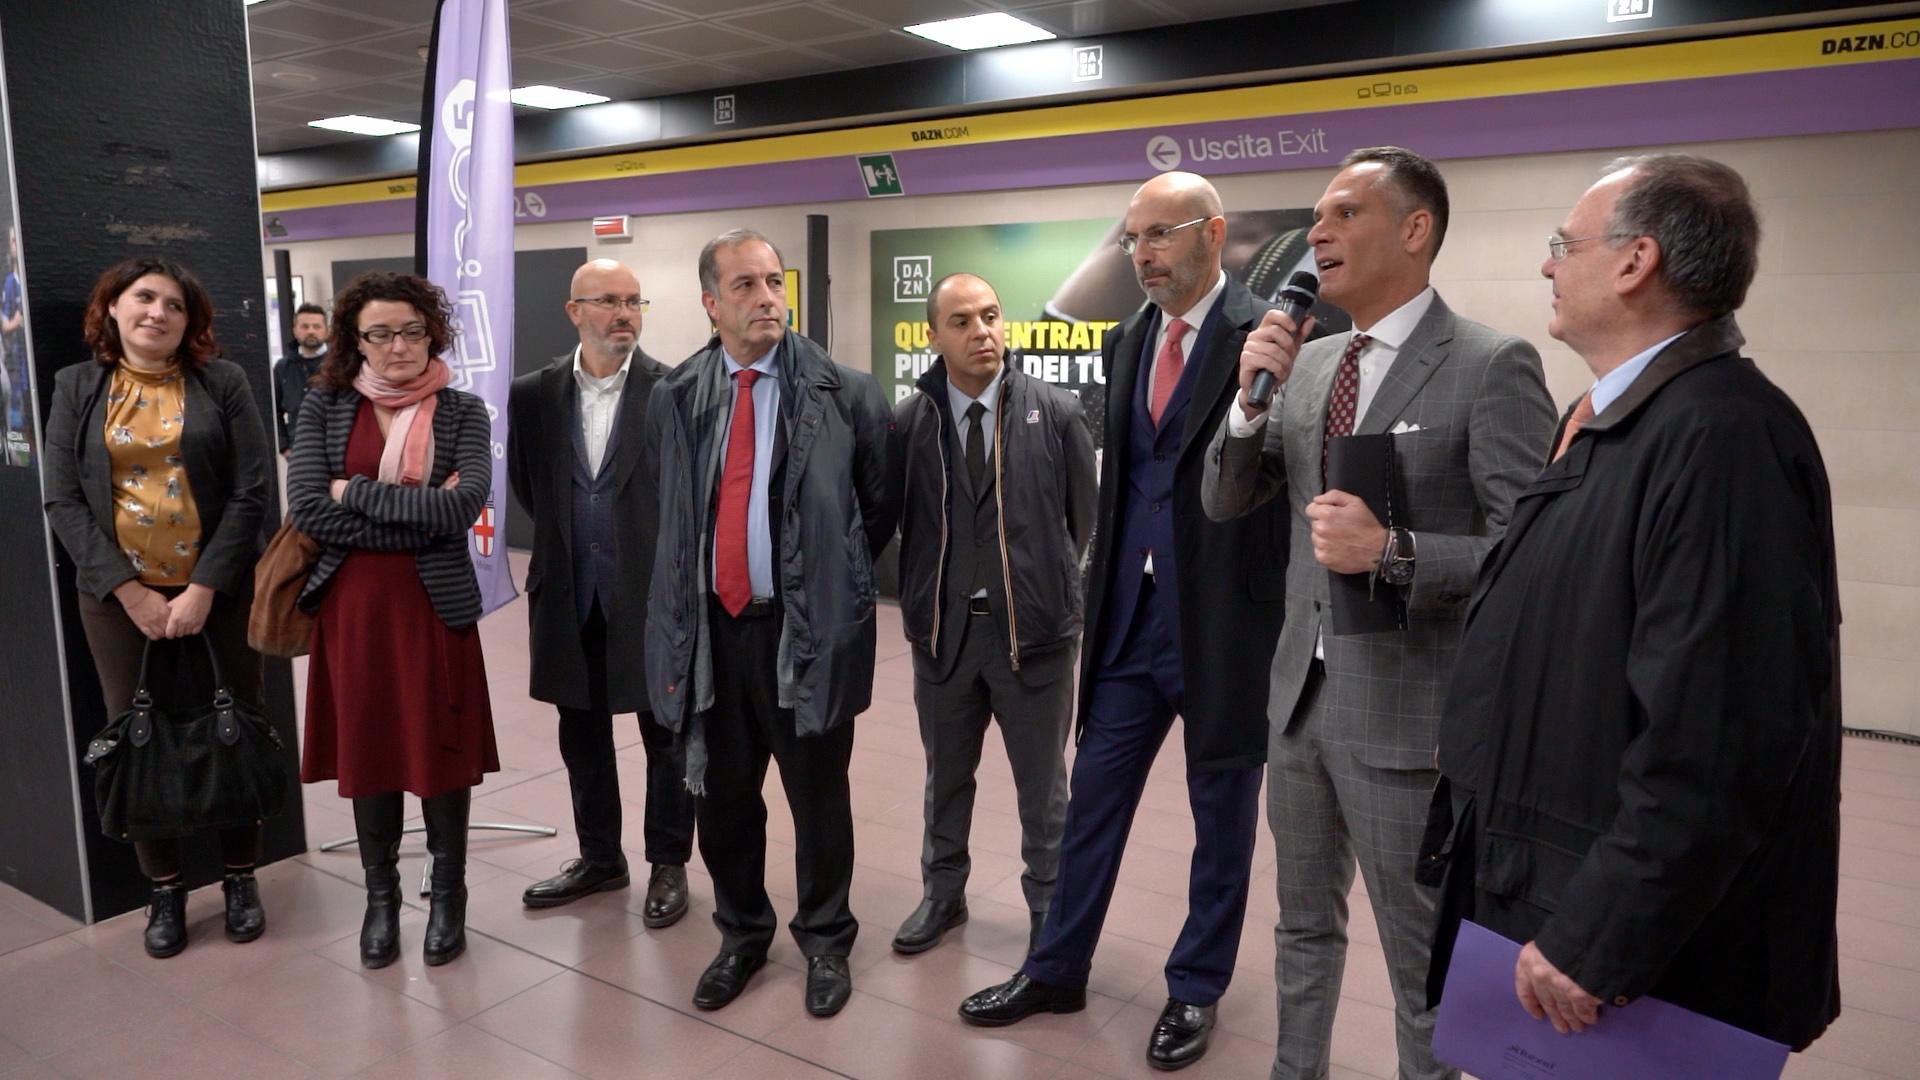 inaugurazione-Metro5-Facility-Network-4.